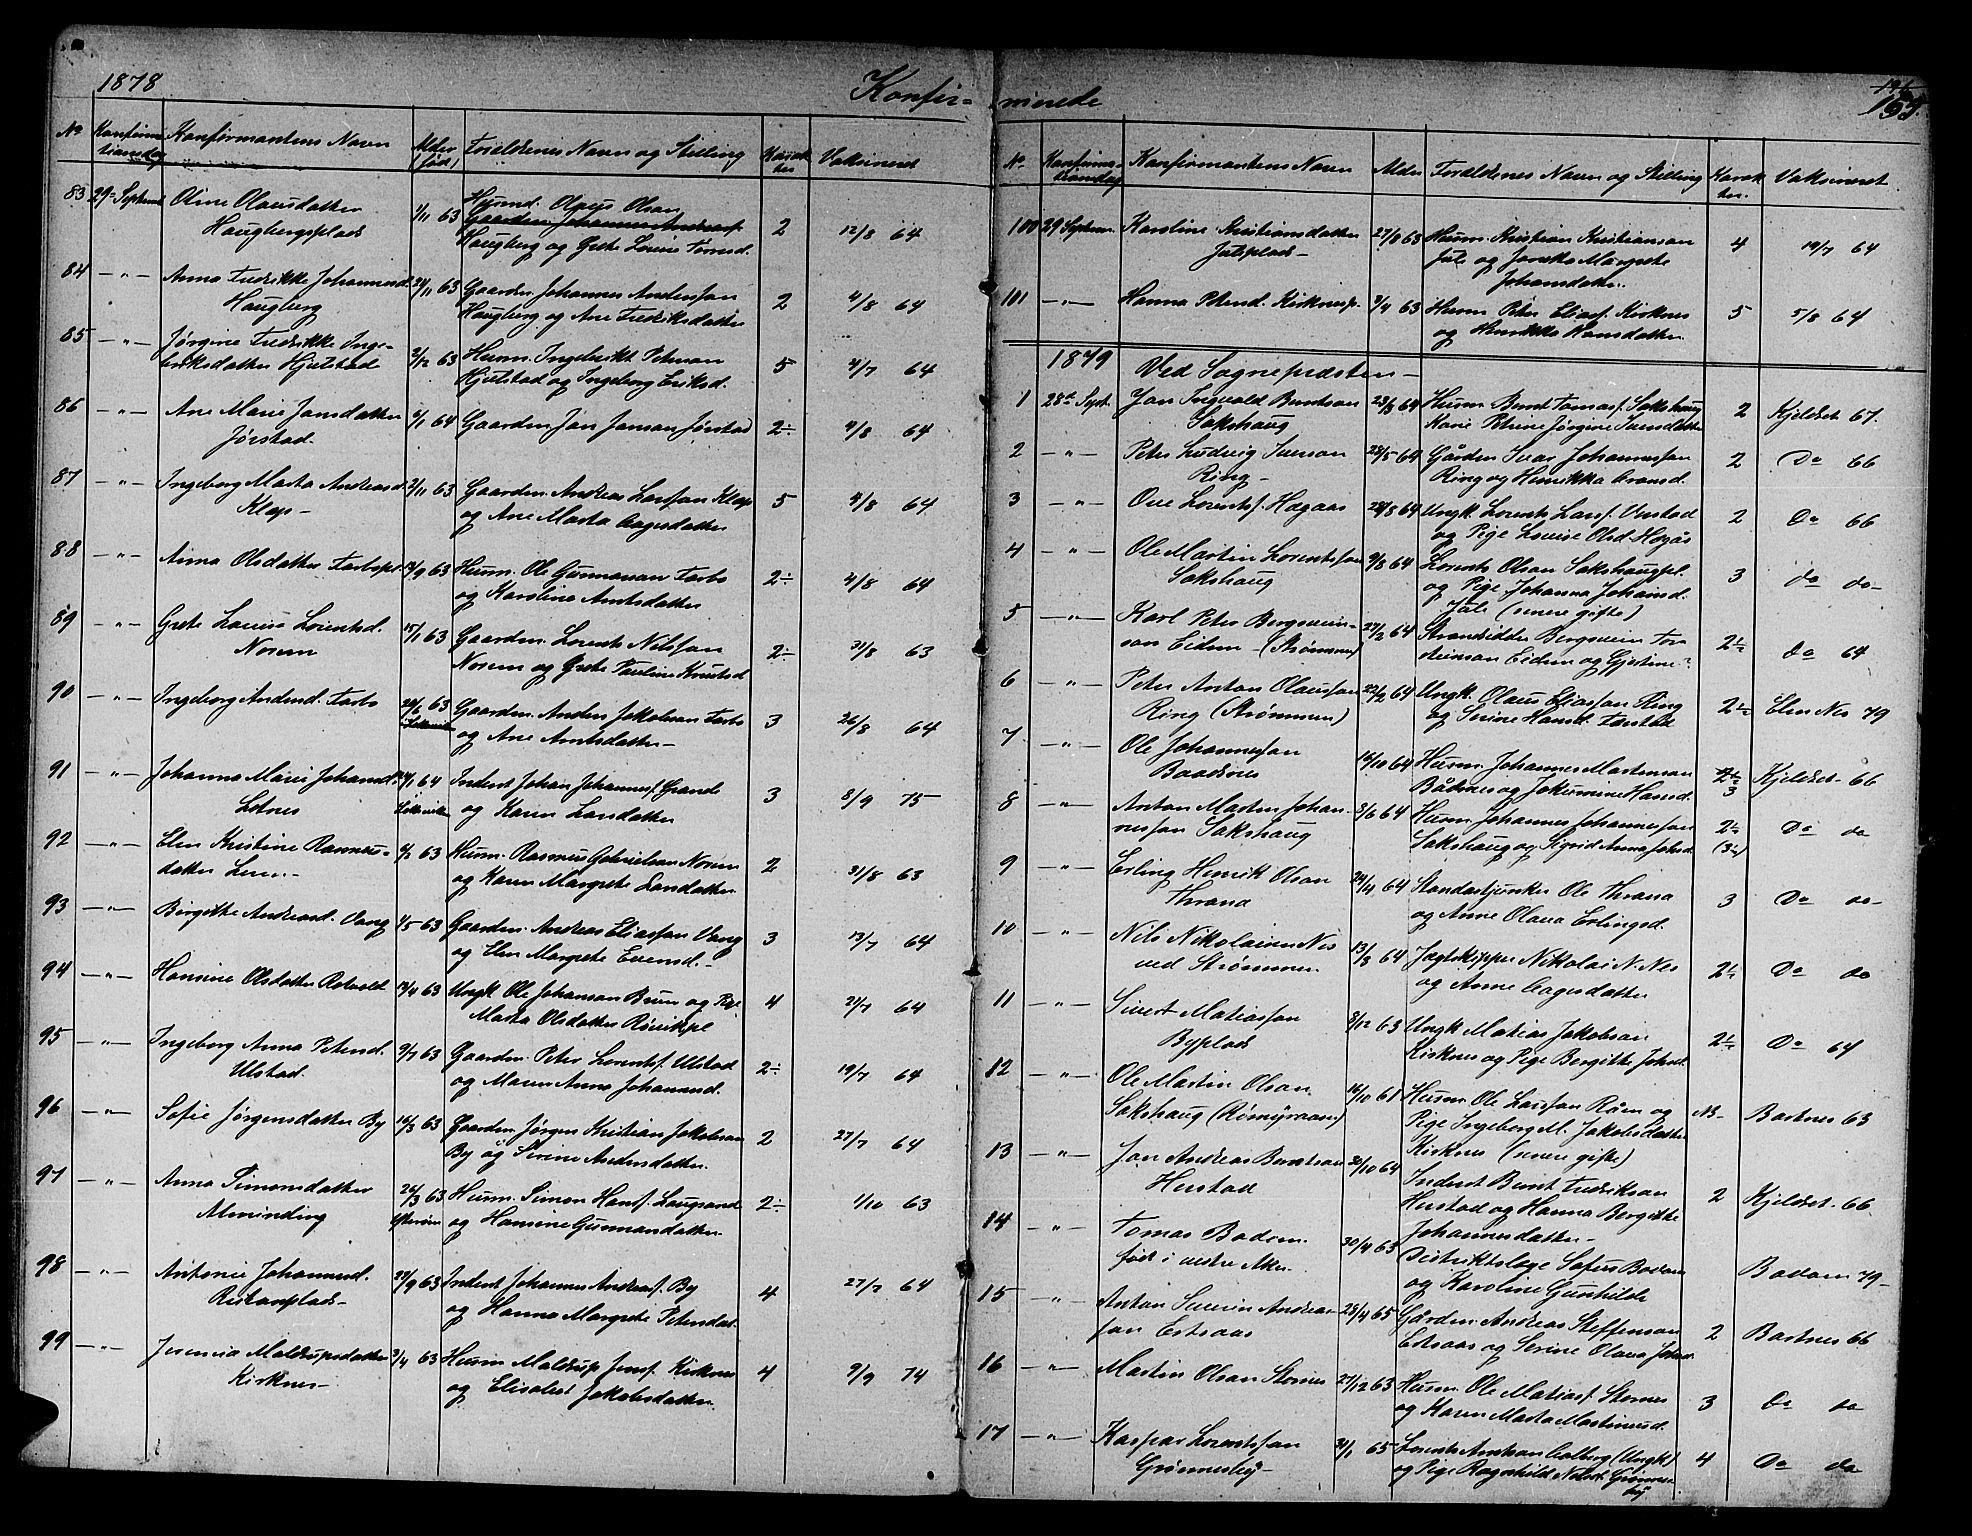 SAT, Ministerialprotokoller, klokkerbøker og fødselsregistre - Nord-Trøndelag, 730/L0300: Klokkerbok nr. 730C03, 1872-1879, s. 155